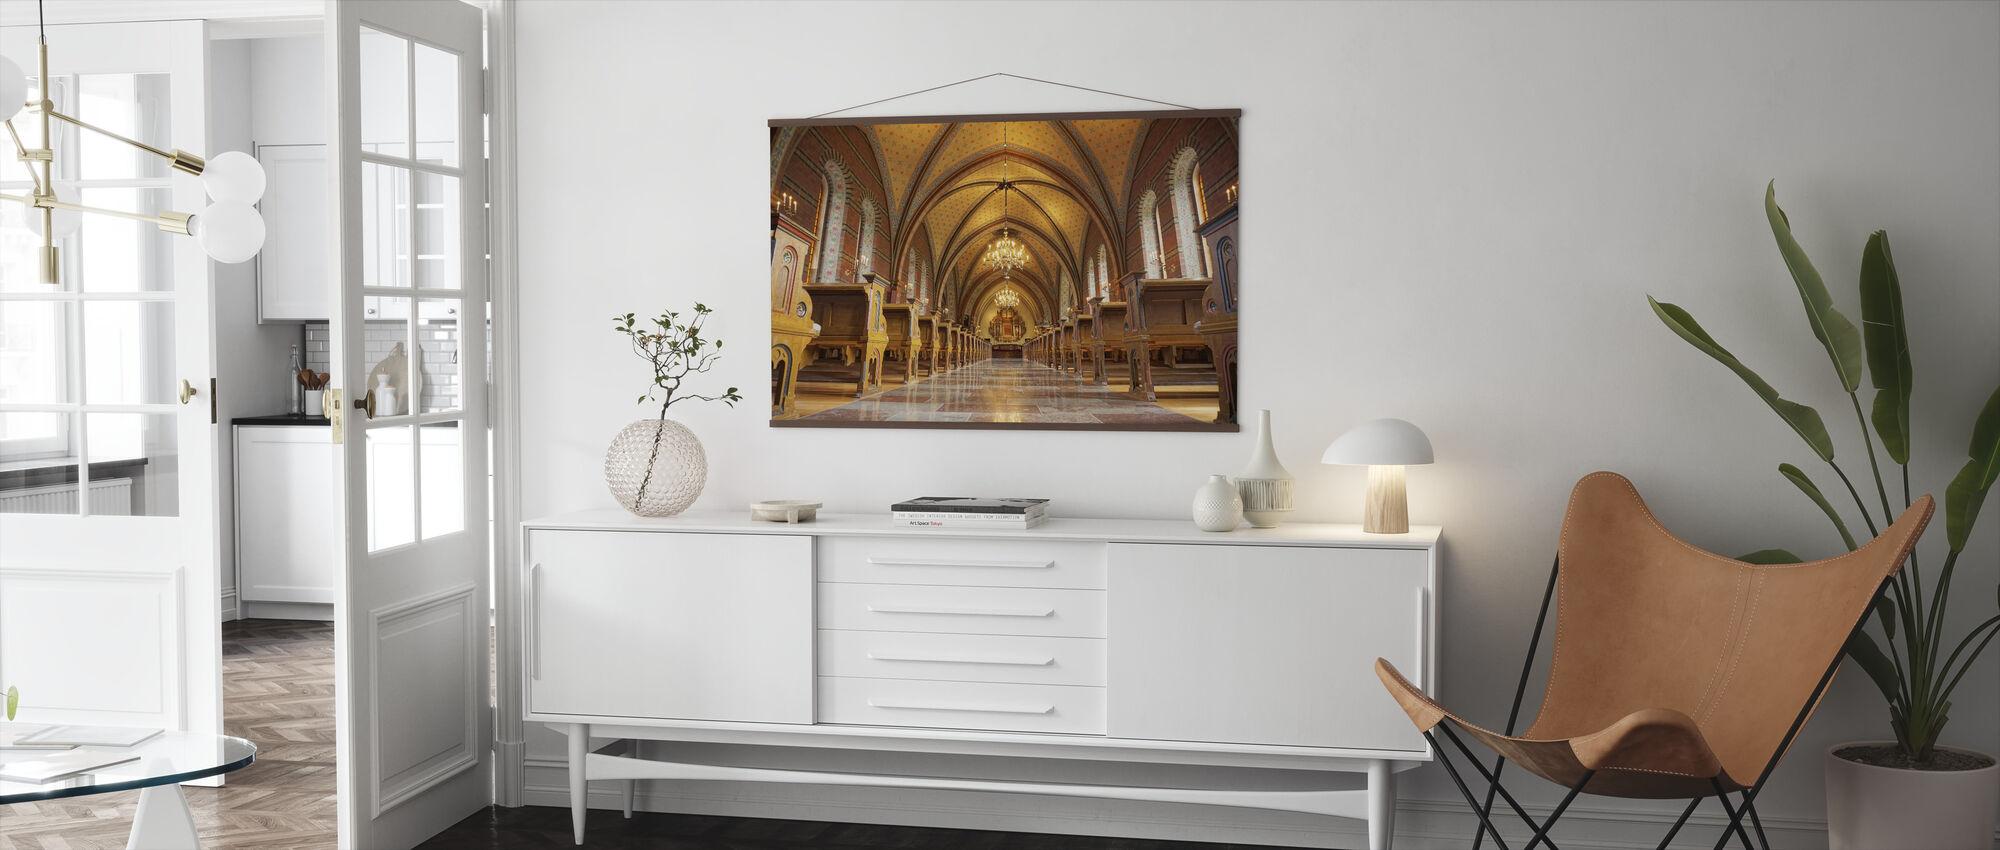 Katholieke Kerk - Poster - Woonkamer